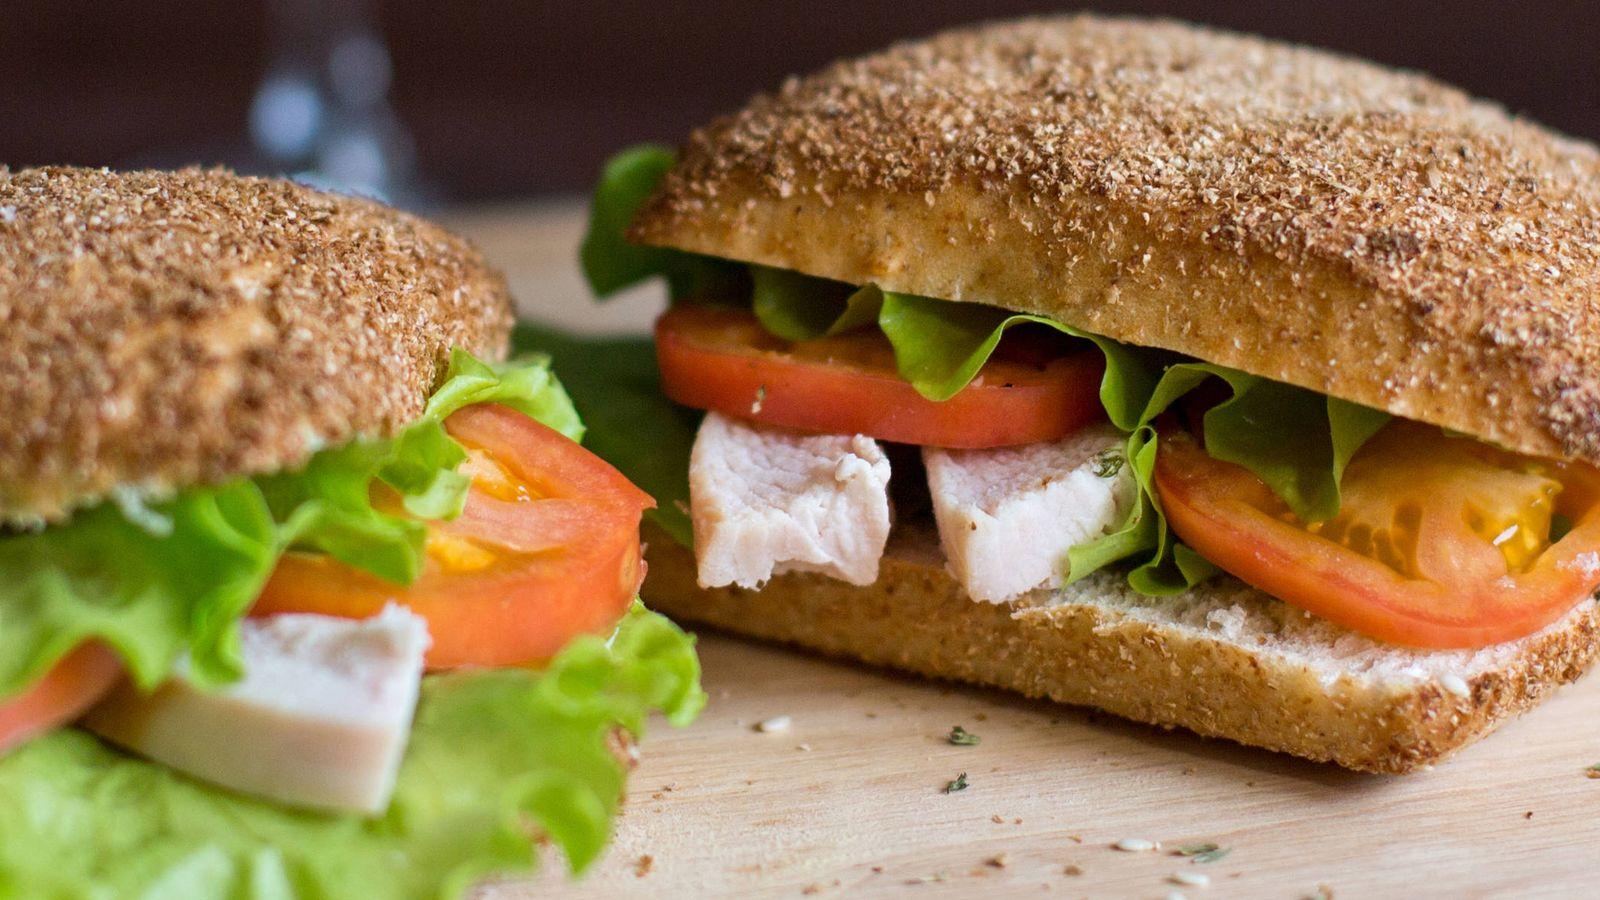 Recetas: Cinco bocadillos saludables que puedes comer a menudo